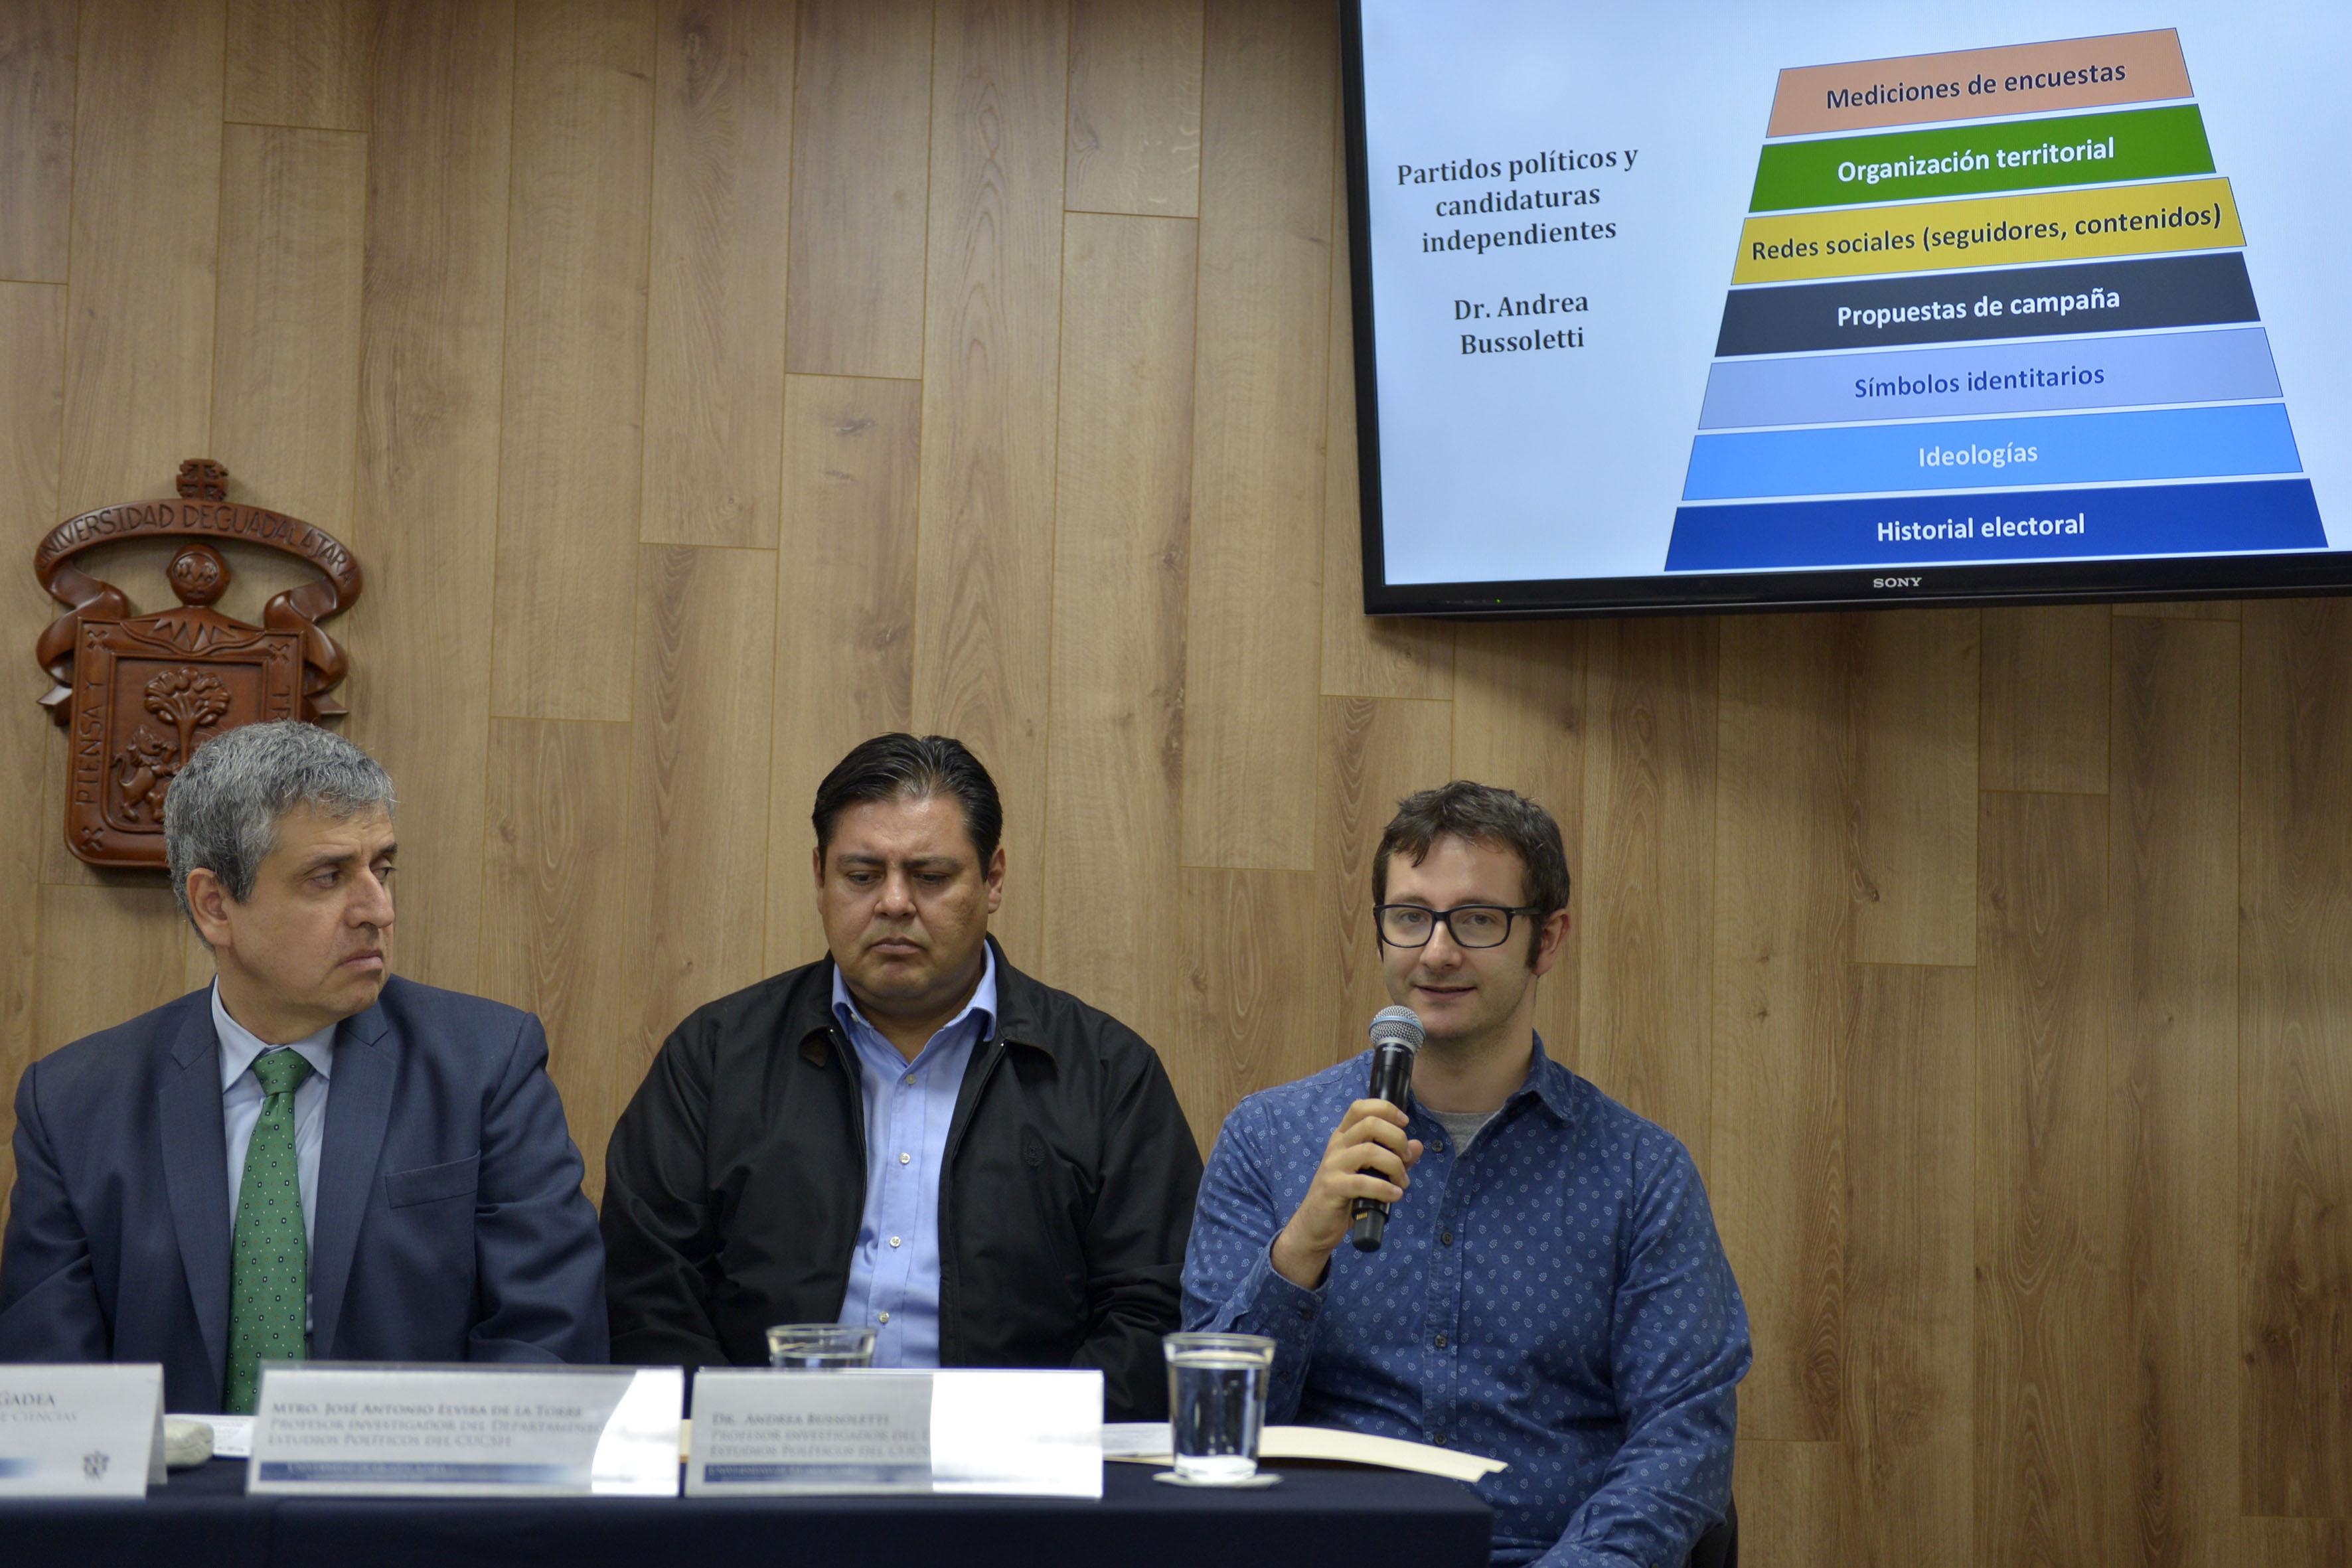 Doctor Andrea Bussoletti, profesor investigador del Departamento de Estudios Políticos del CUCSH, haciendo uso de la palabra durante rueda de prensa.